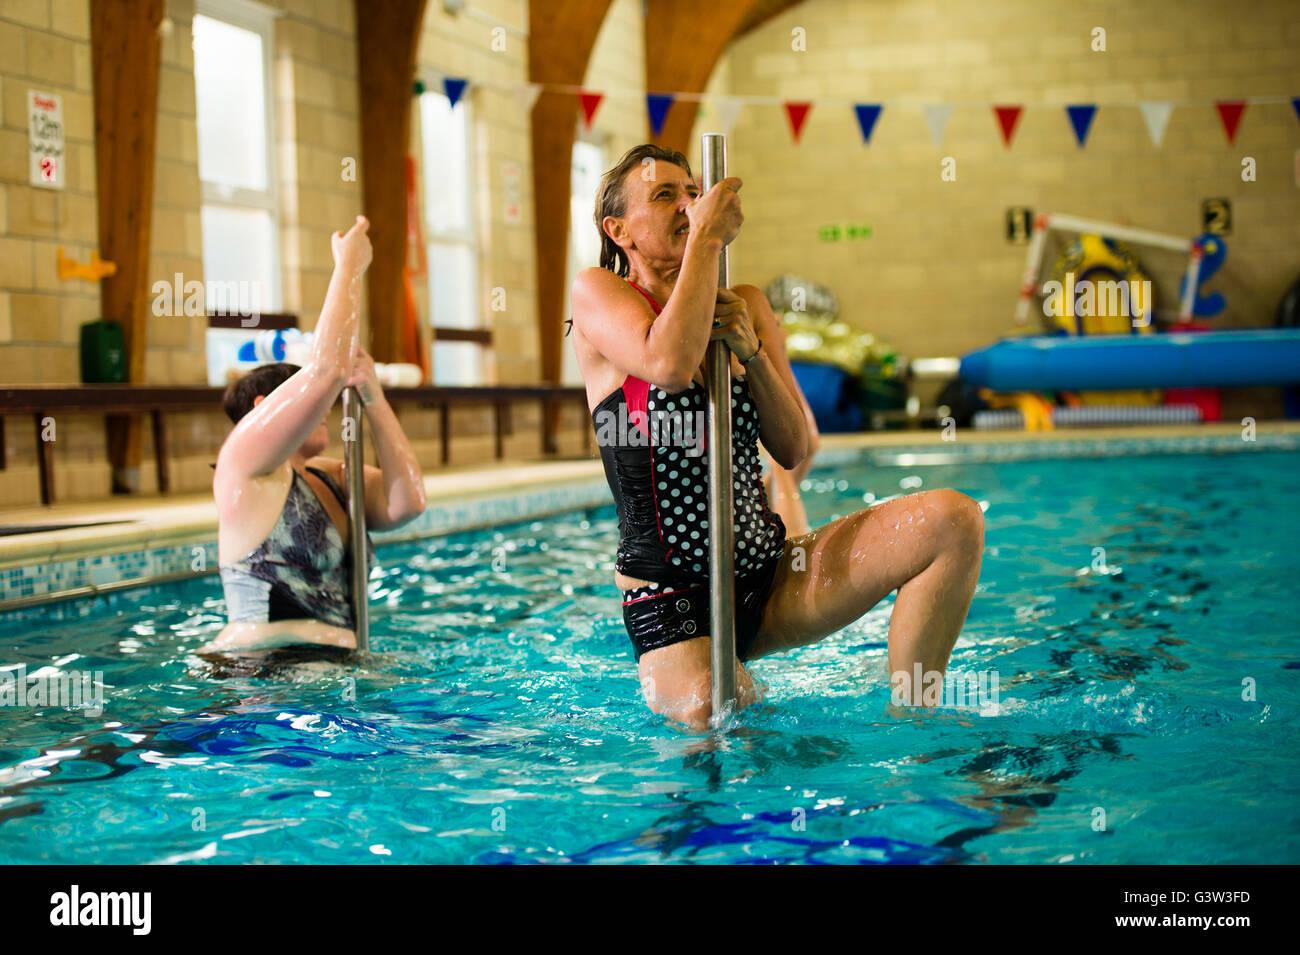 Piscina Gimnasio Hydropole clase: un grupo de mujeres de edad madura para adultos tomando parte en un 'hydropole' bailar Polo de clase de gimnasia en el agua en una piscina, REINO UNIDO Foto de stock